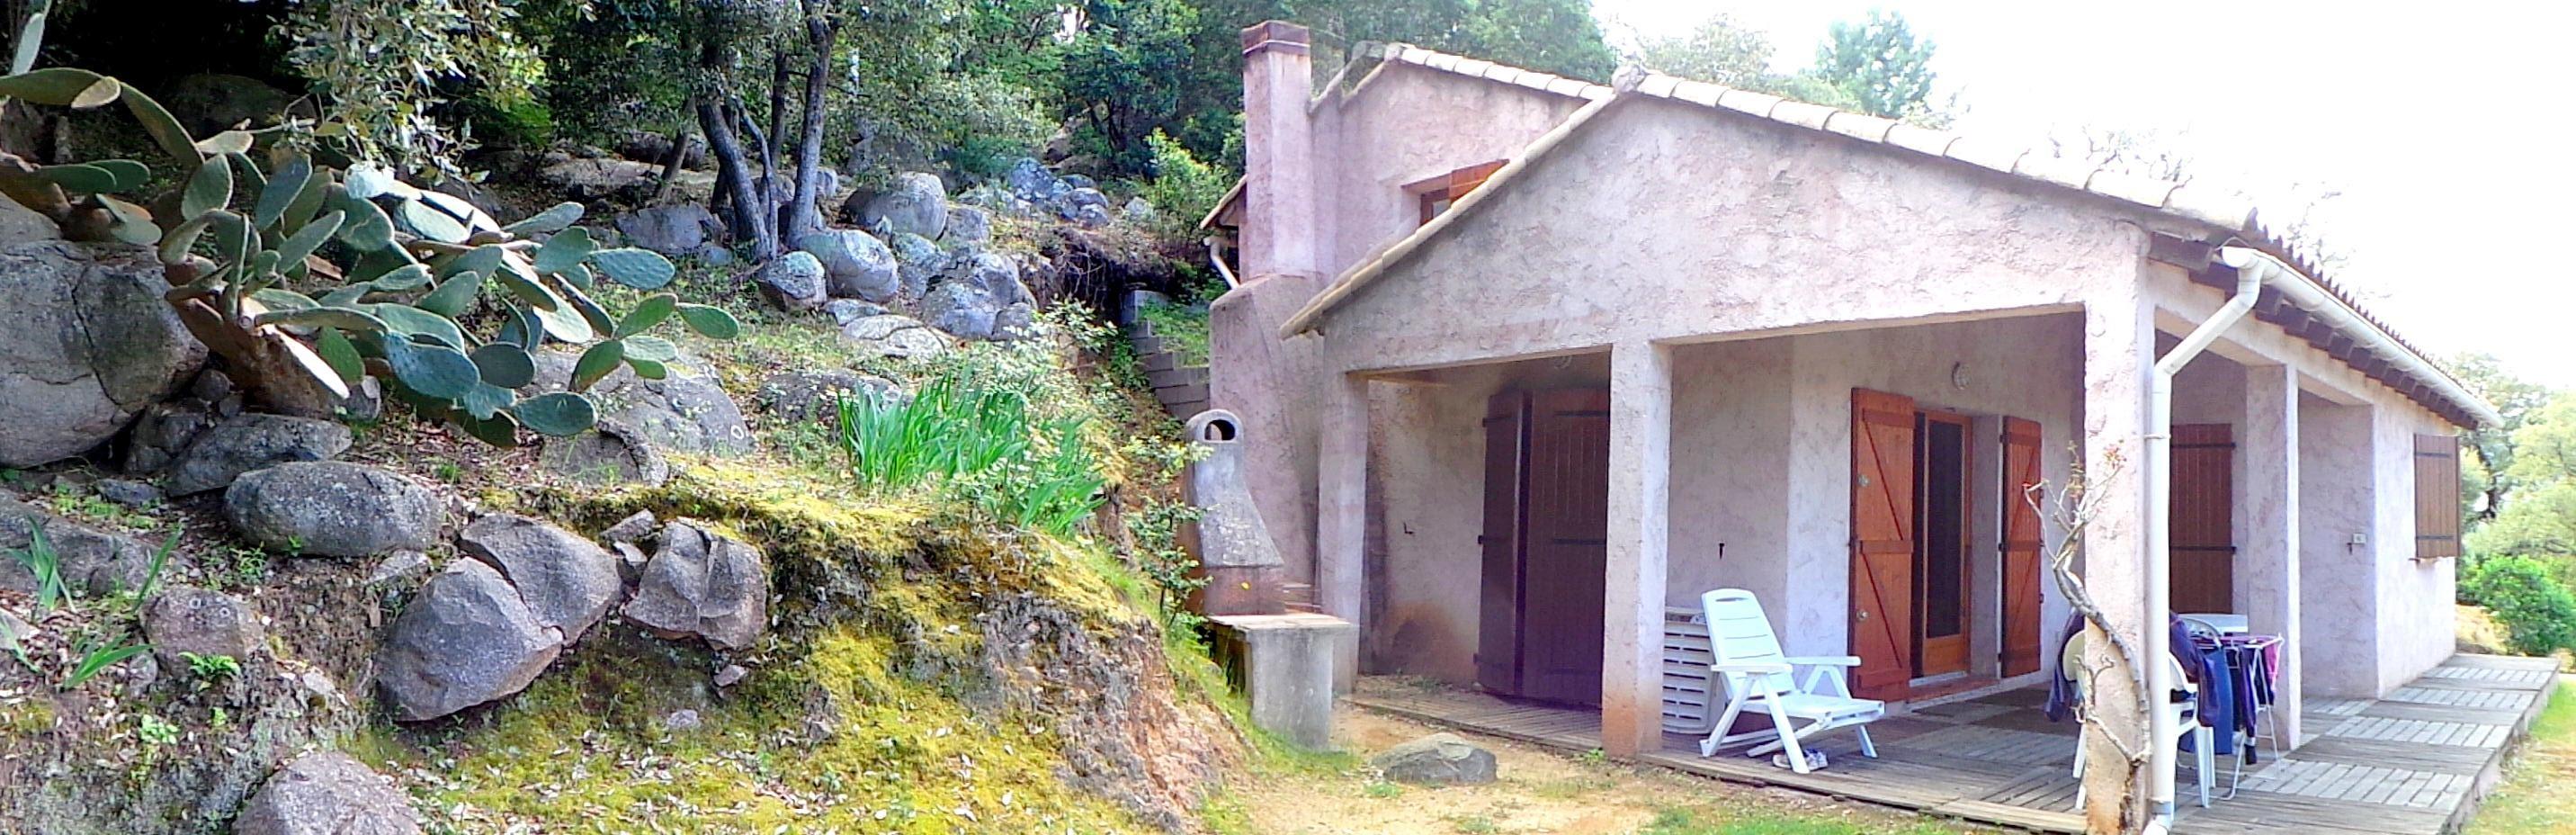 92-terrasse-olmuccio